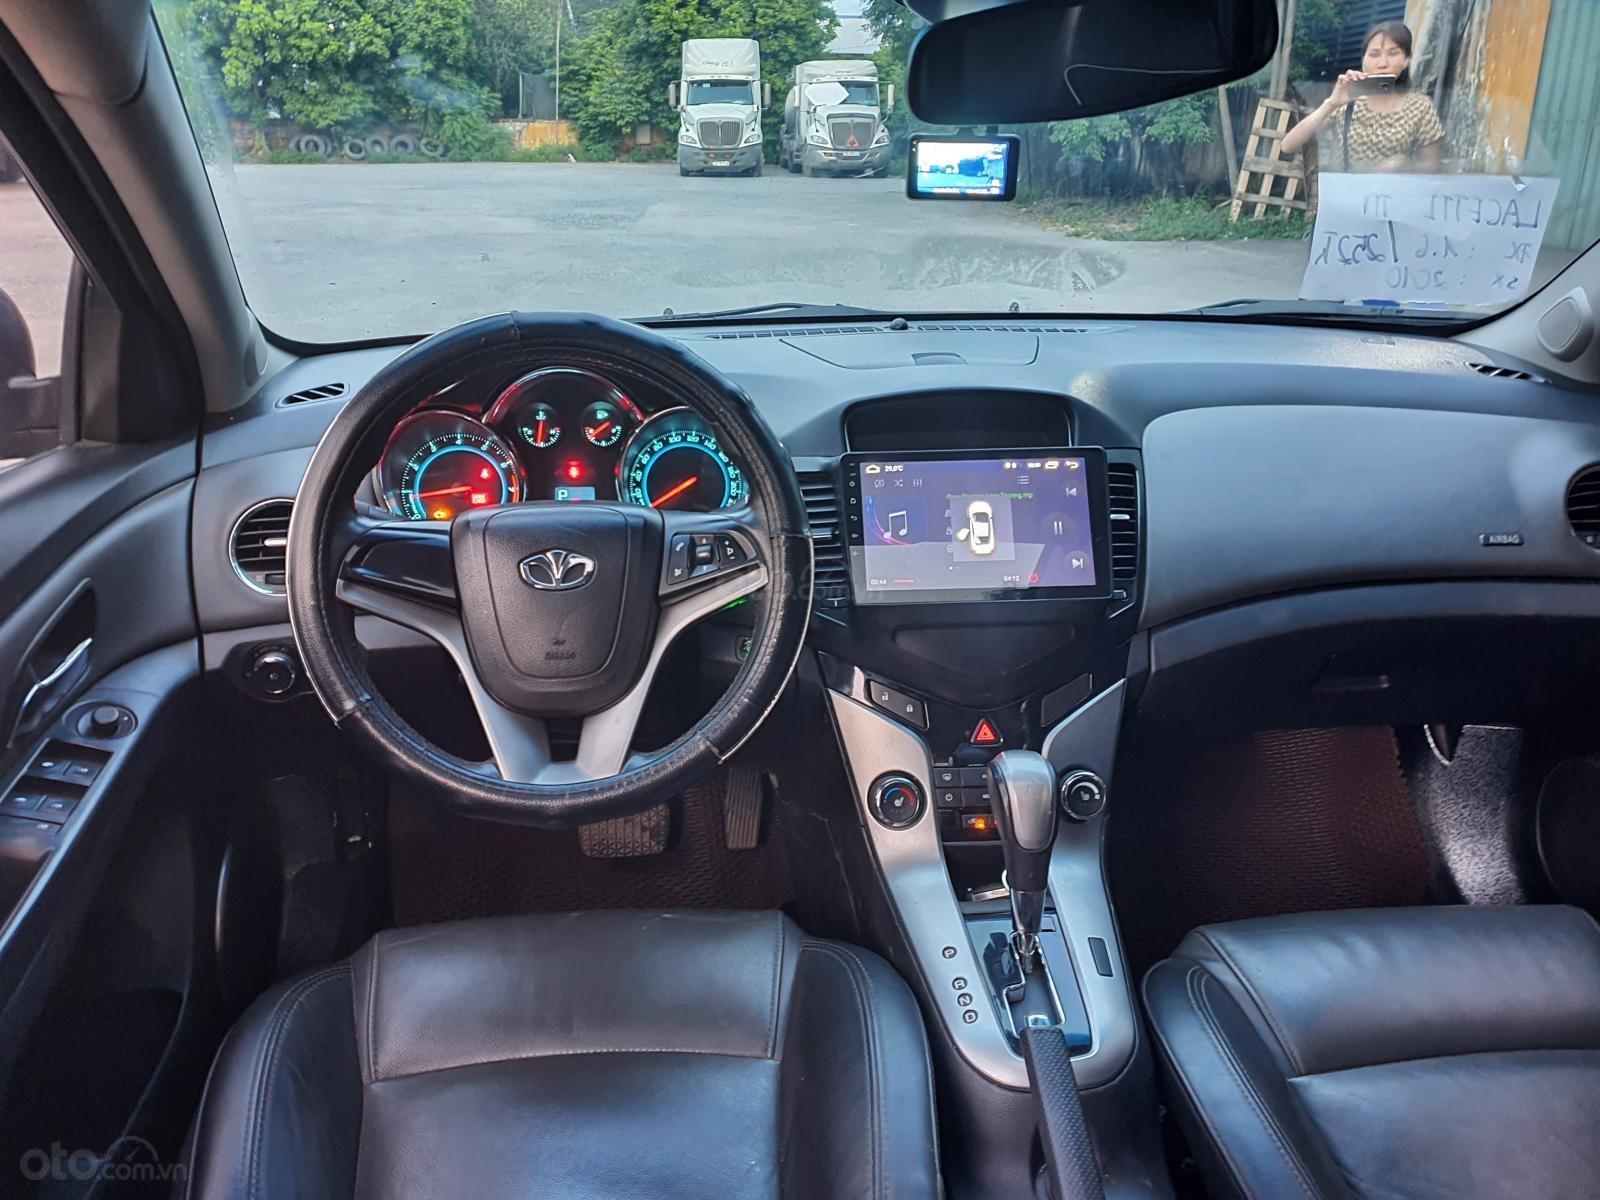 Daewoo Lacetti CDX sx 2010 AT 1.6l bản full option, nhập Hàn Quốc, tư nhân (5)